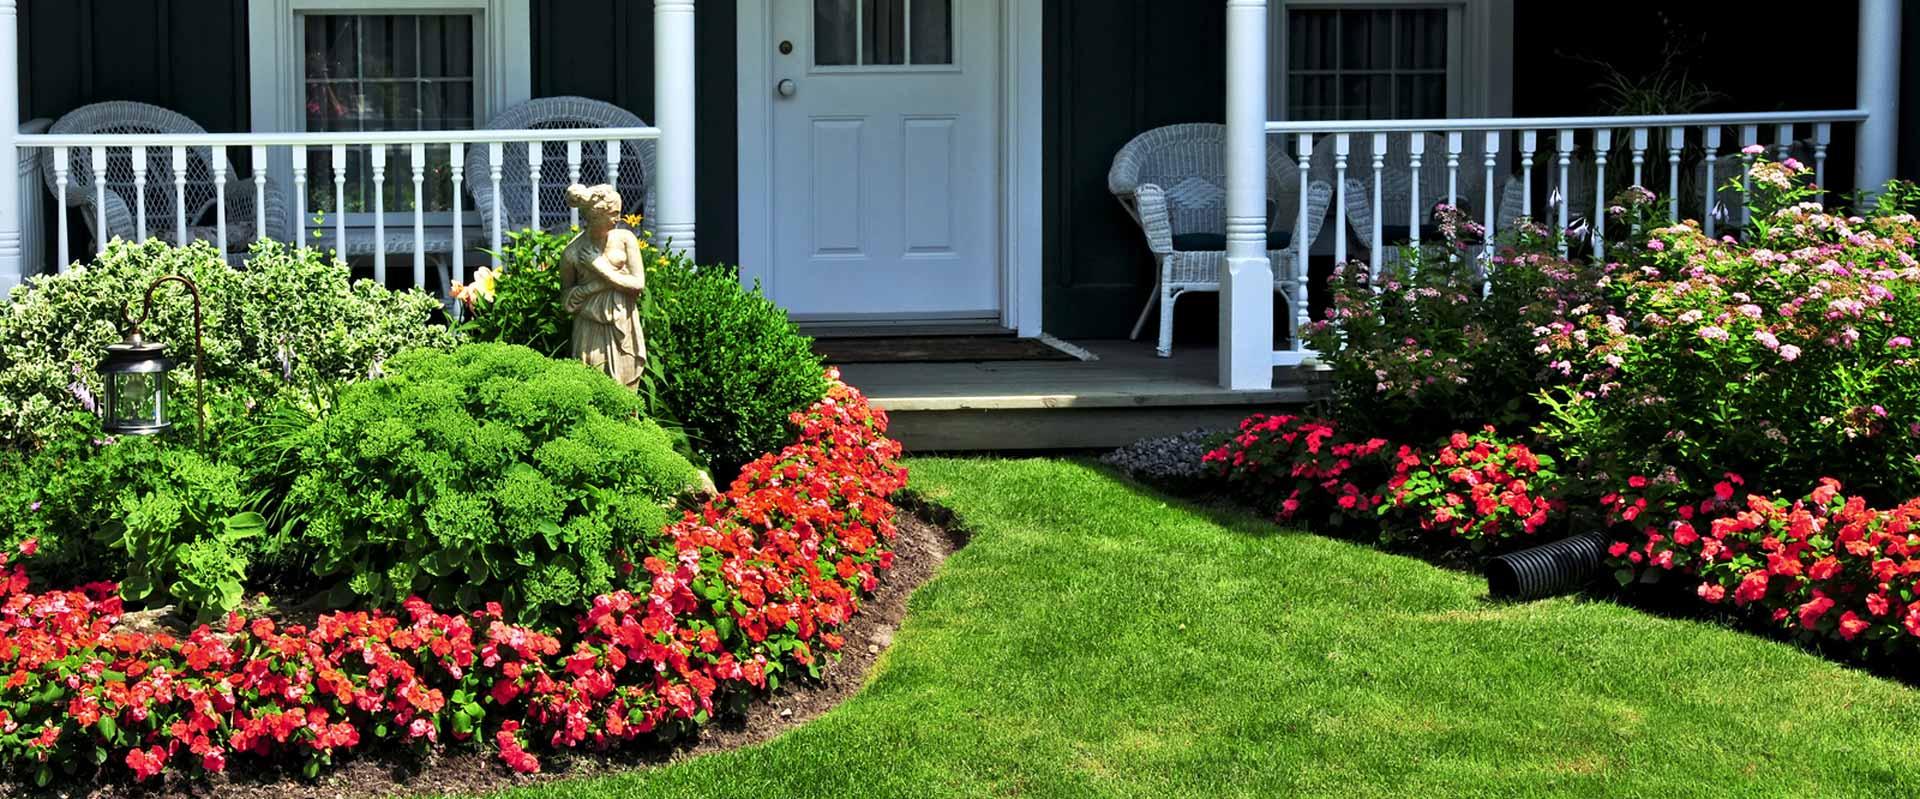 Lawn & Tree care | Greens Keeper Turf & Tree